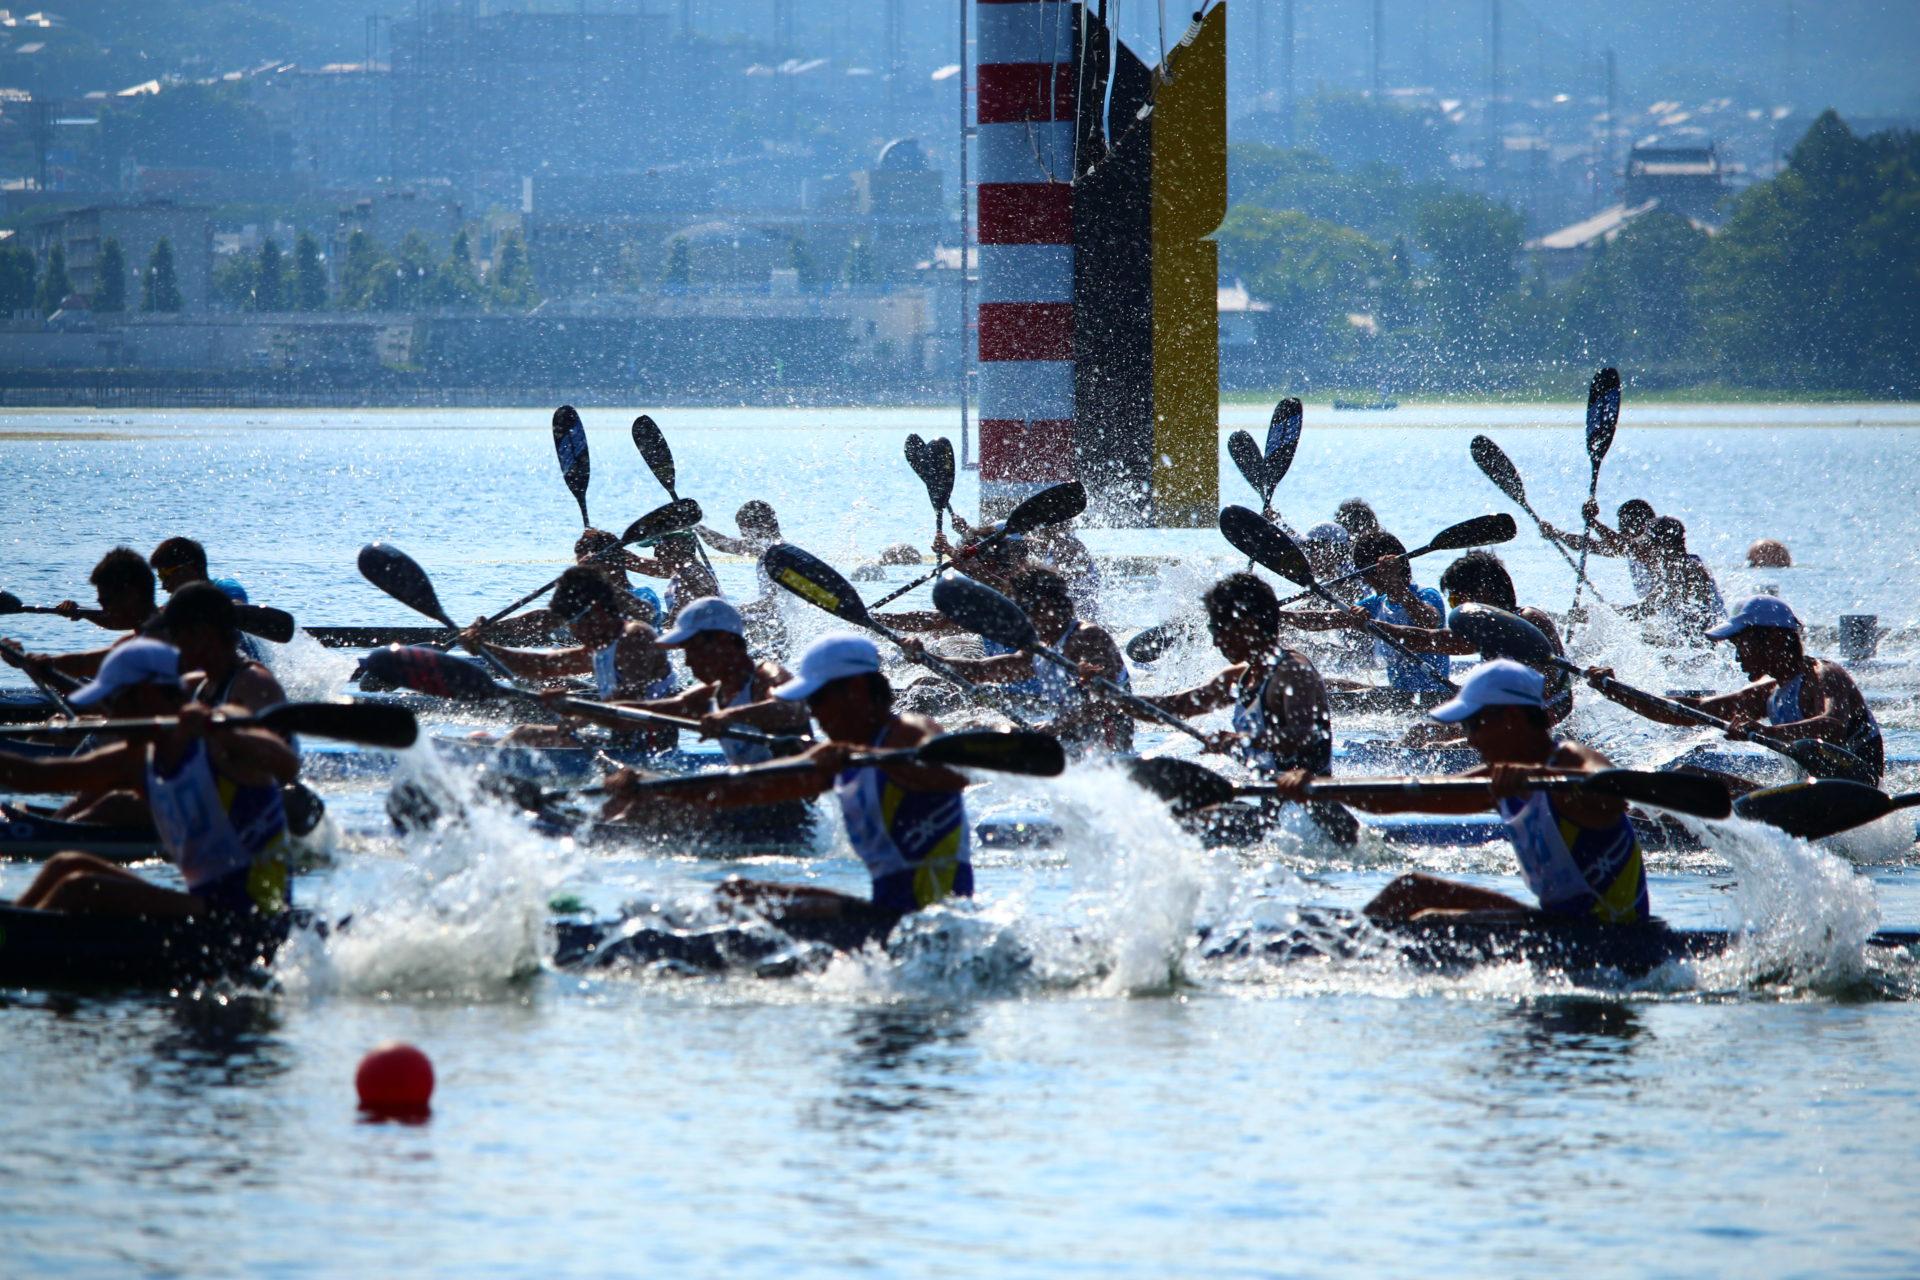 【スプリント】第74回 国民体育大会 カヌー競技